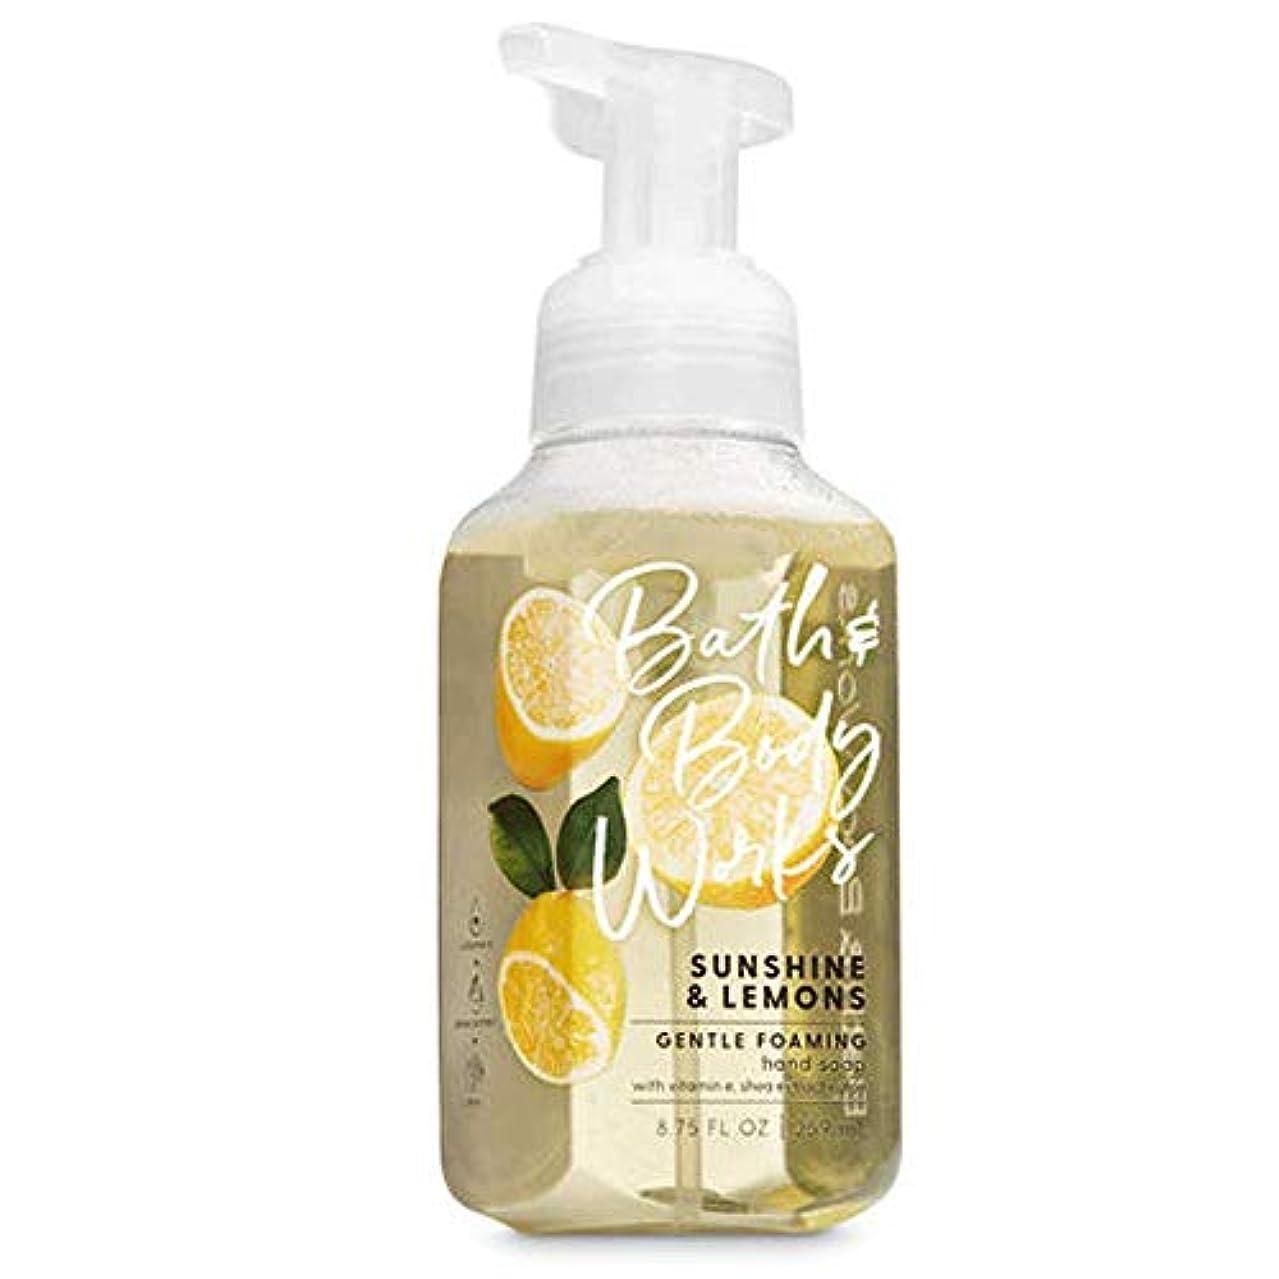 列車遊具レビュアーバス&ボディワークス サンシャインレモン ジェントル フォーミング ハンドソープ Sunshine & Lemons Gentle Foaming Hand Soap